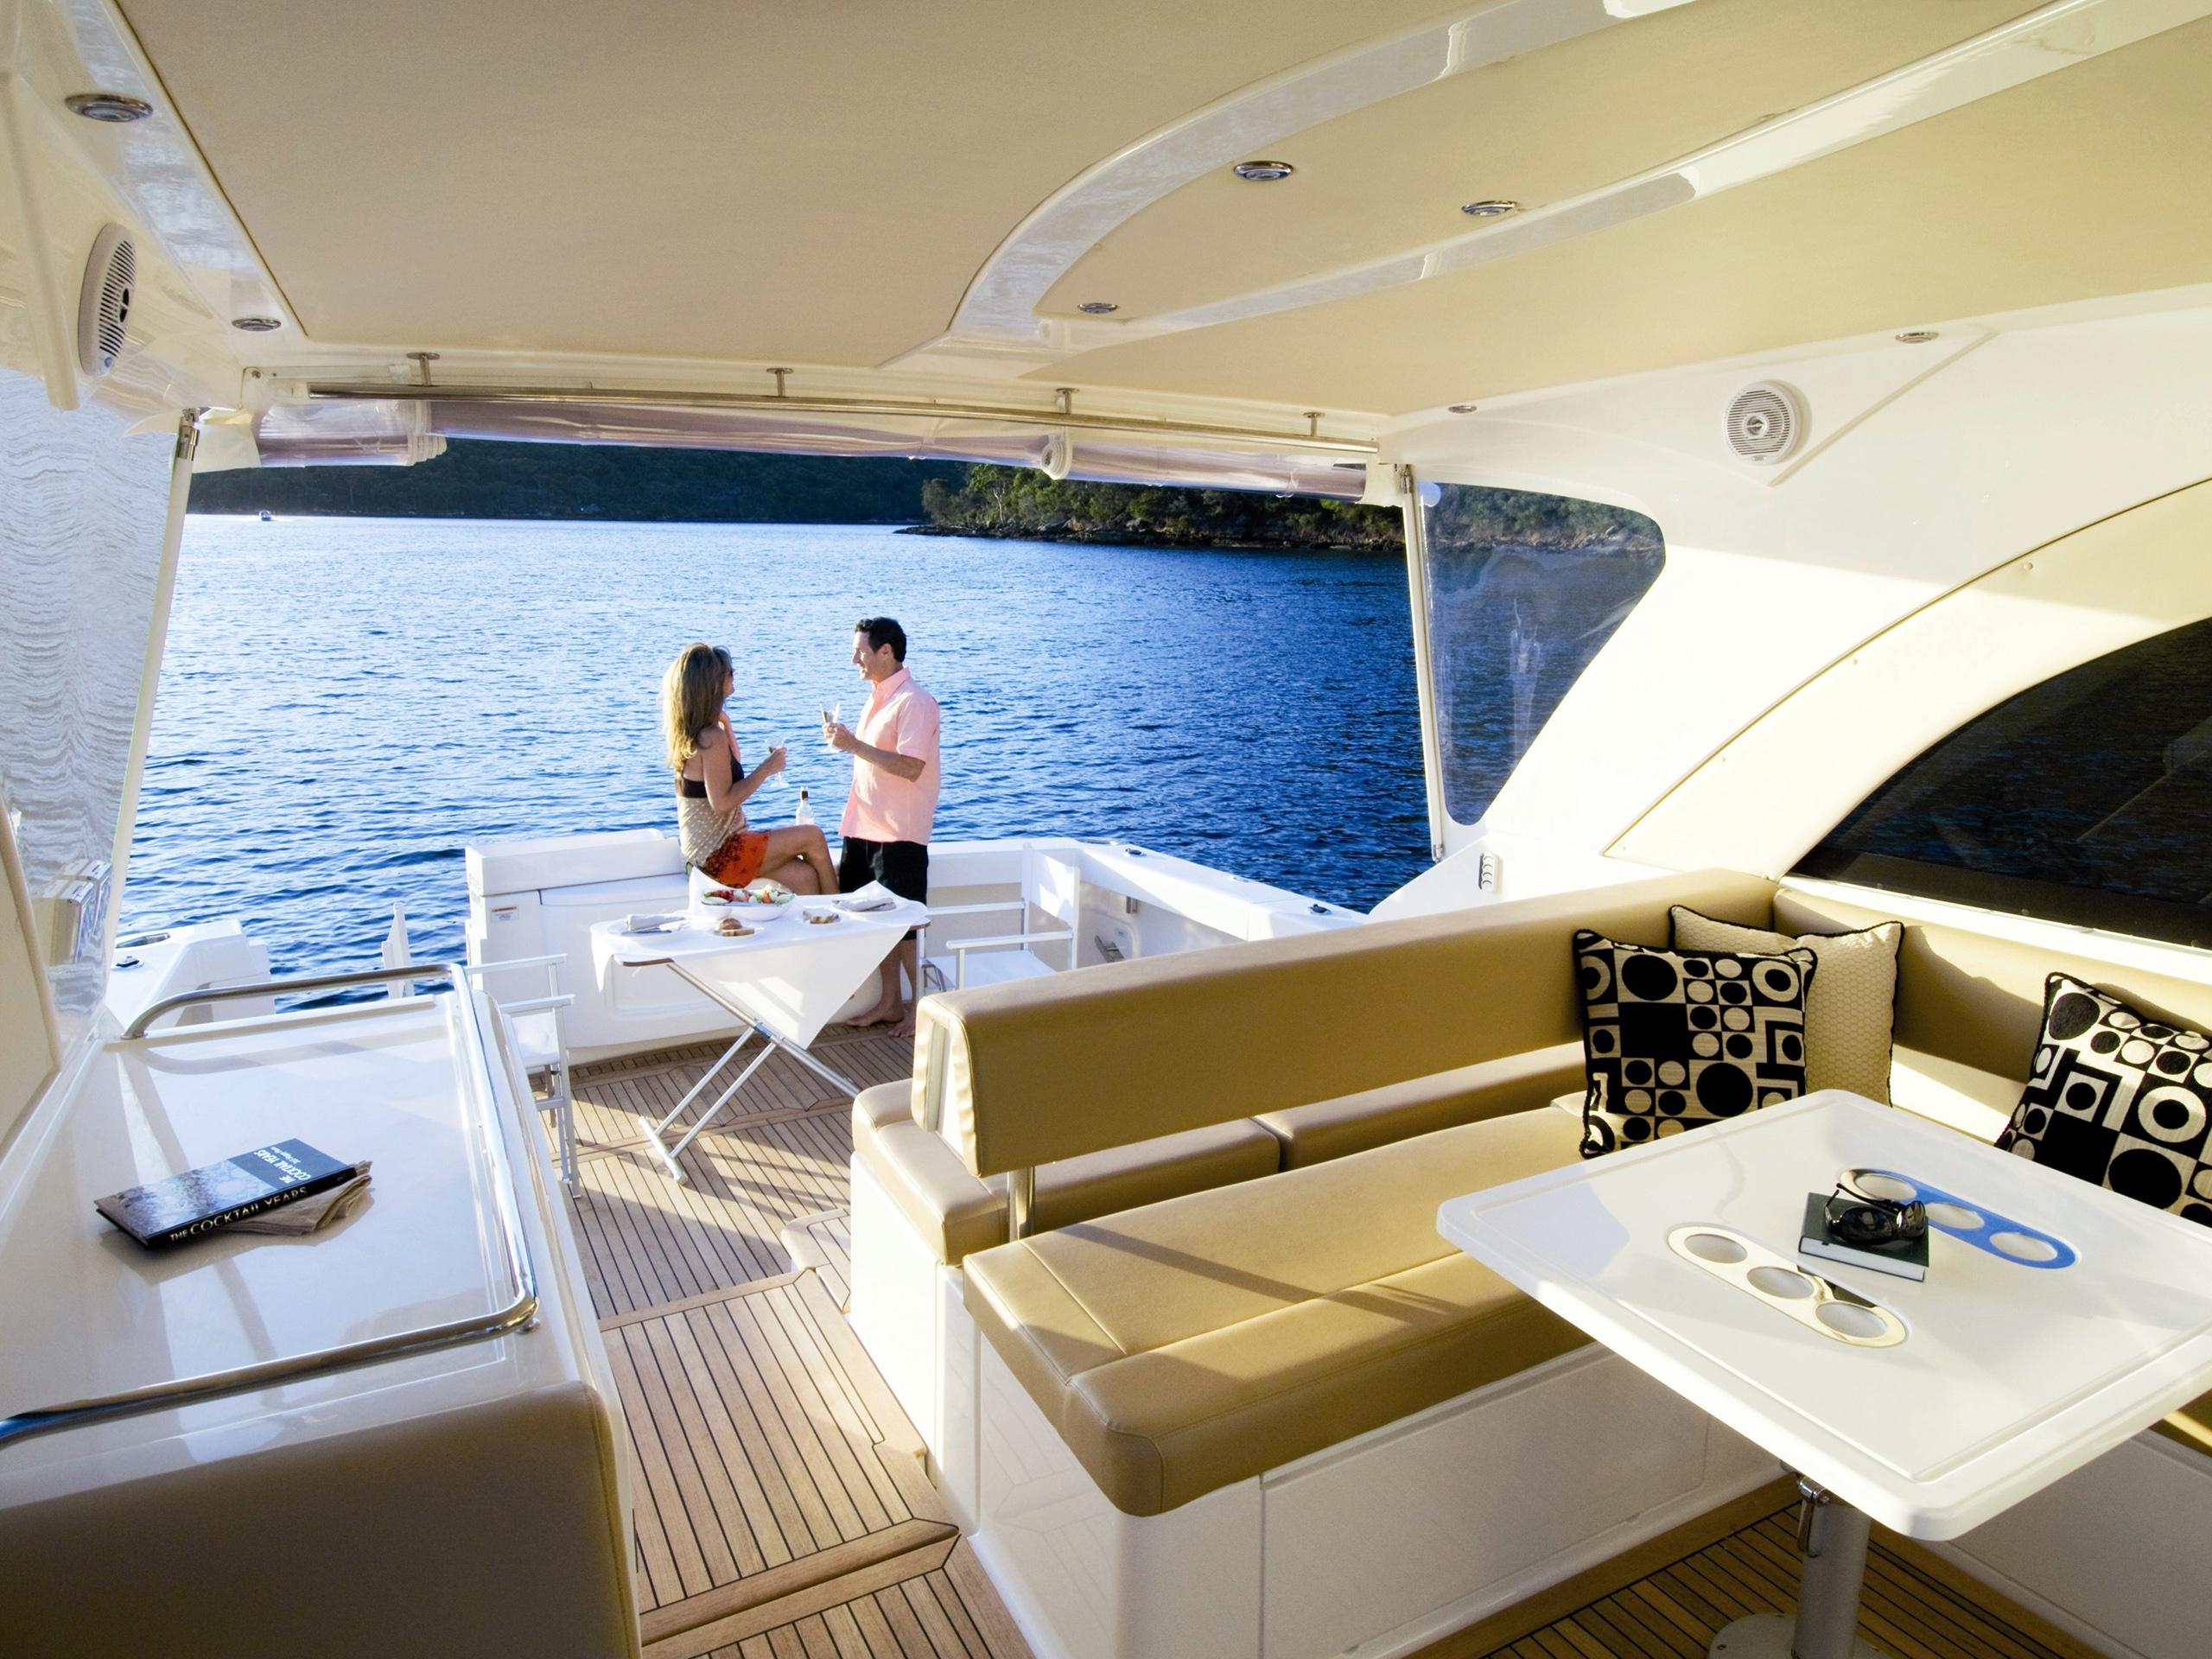 Motor Yacht Power Boat Luxury Lifestyle12